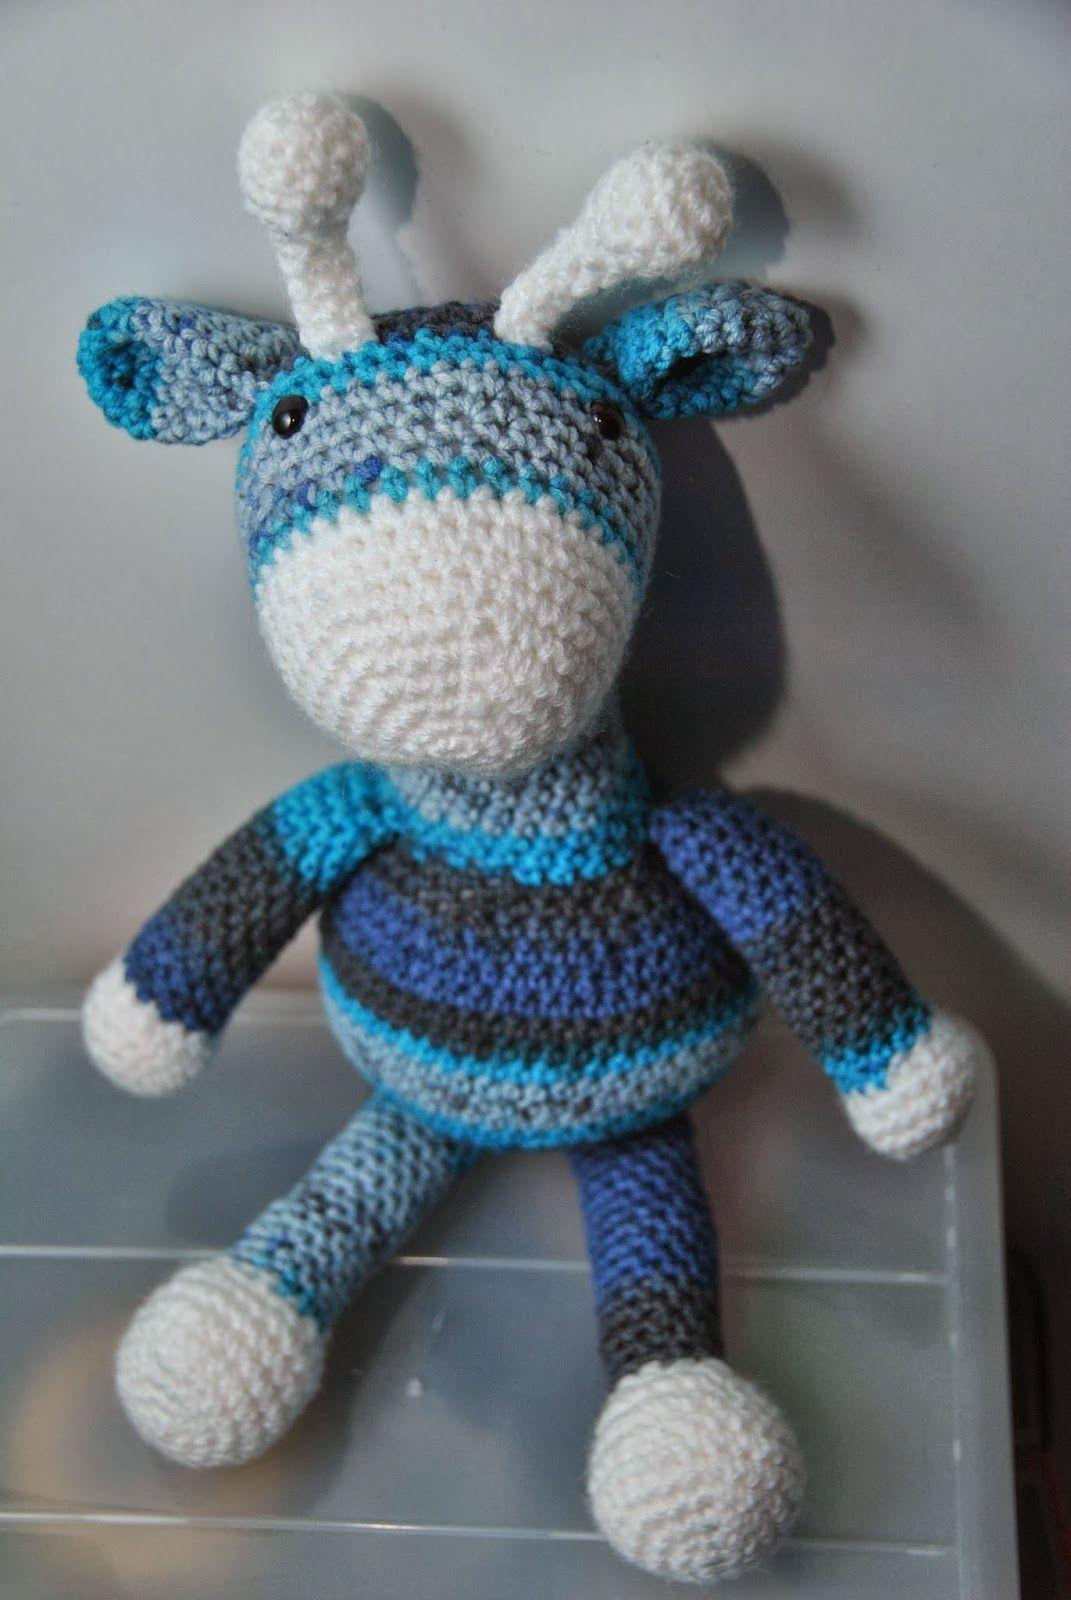 Blue the giraffe